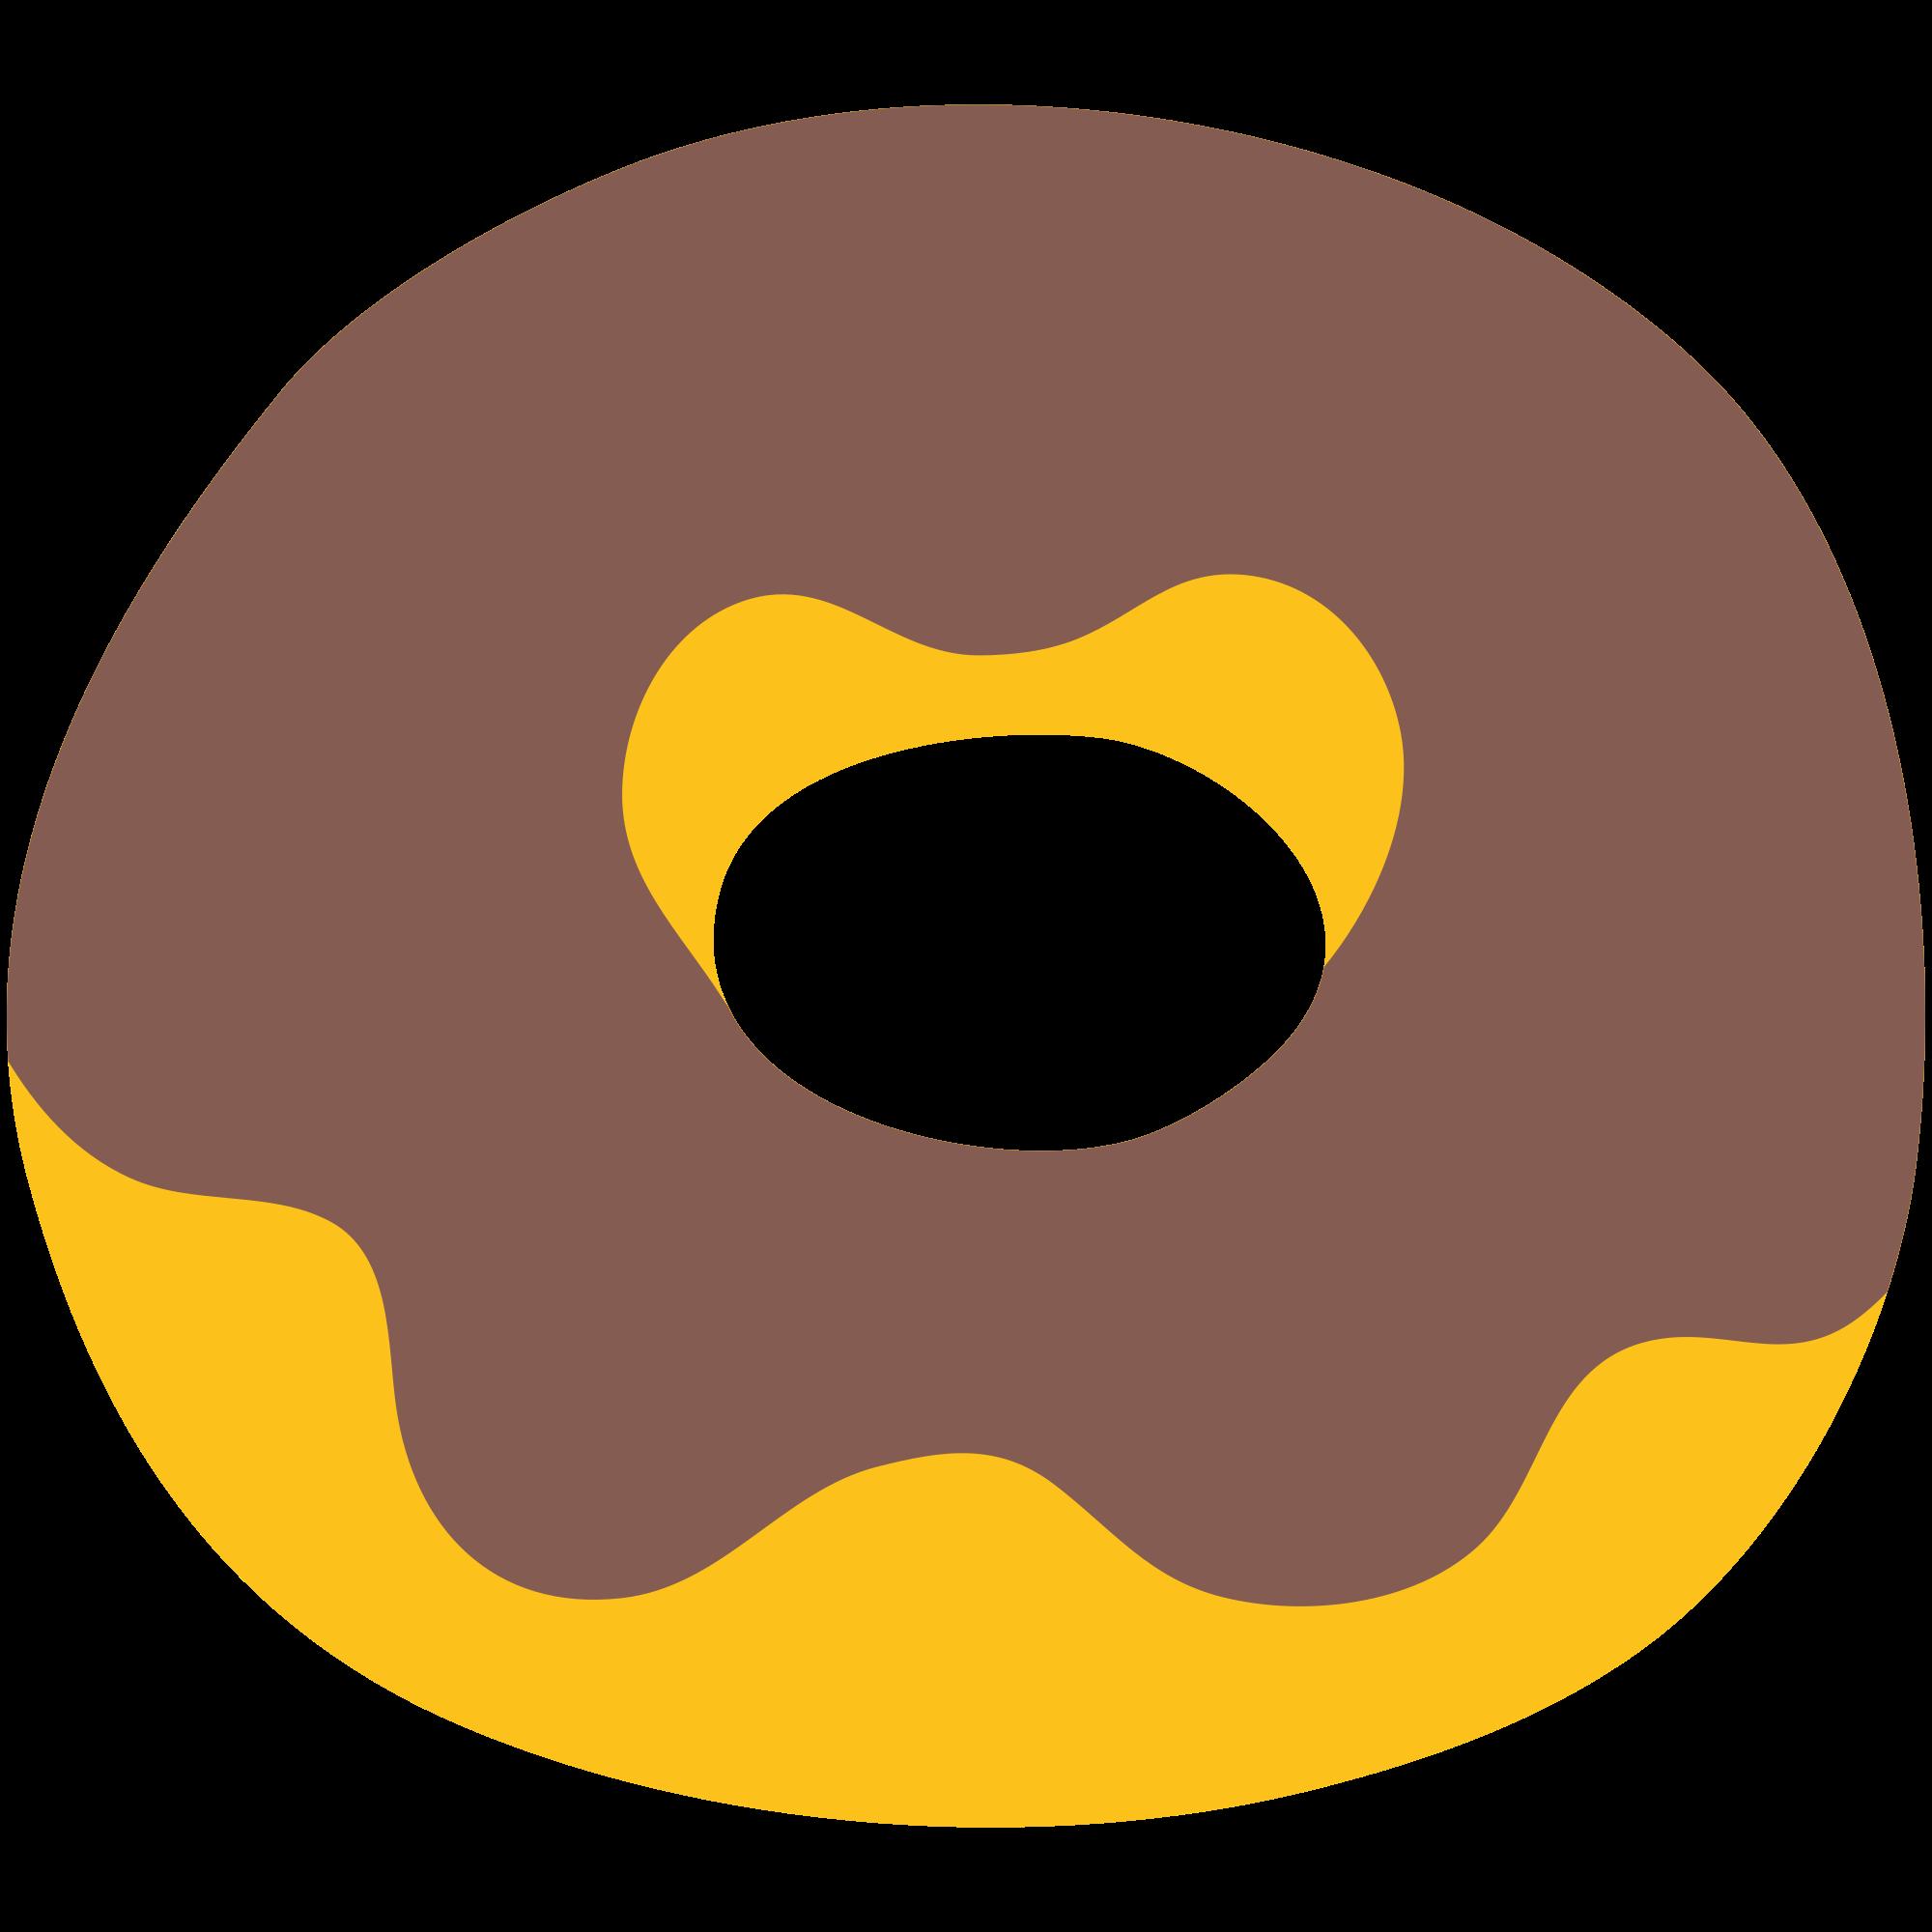 File u f svg. Doughnut clipart emoji